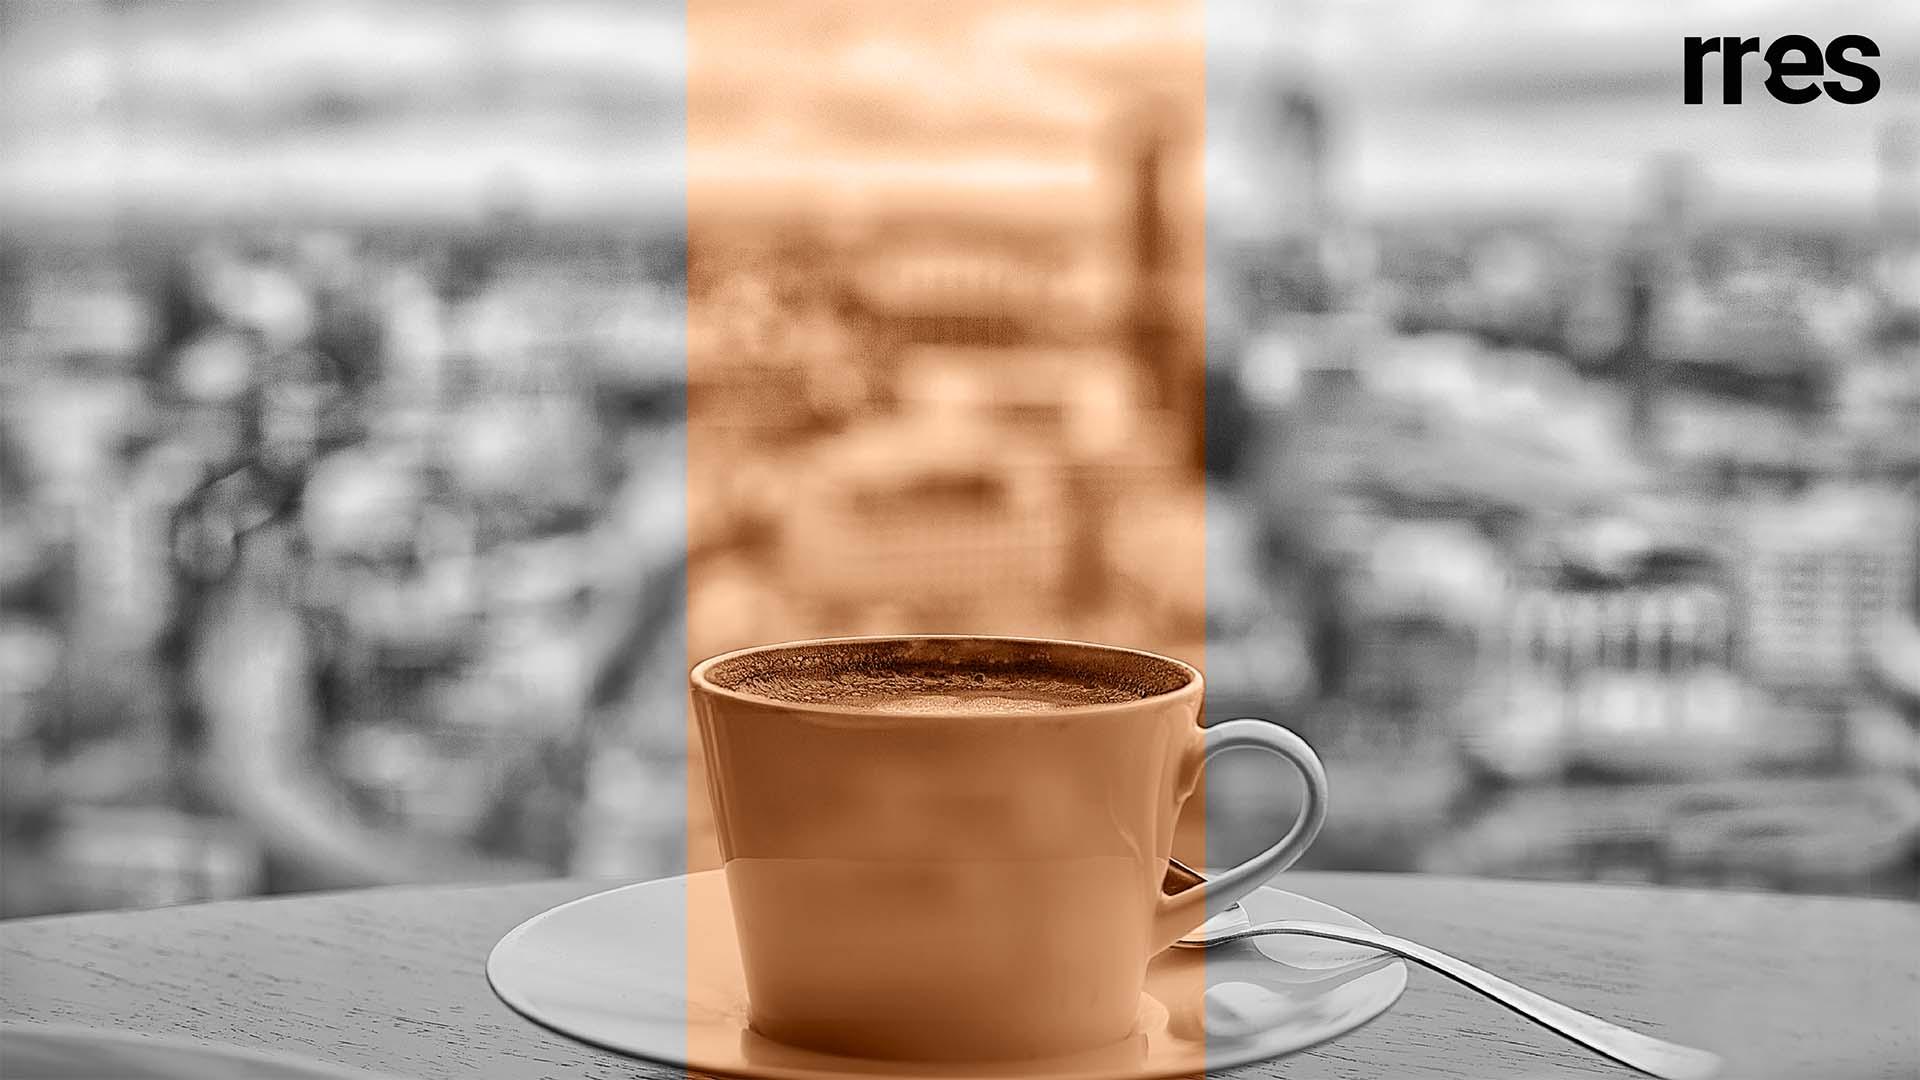 #MonitorDeVíctimas | Te invito a un café y hablamos de la Policía, por Andrew Quintero